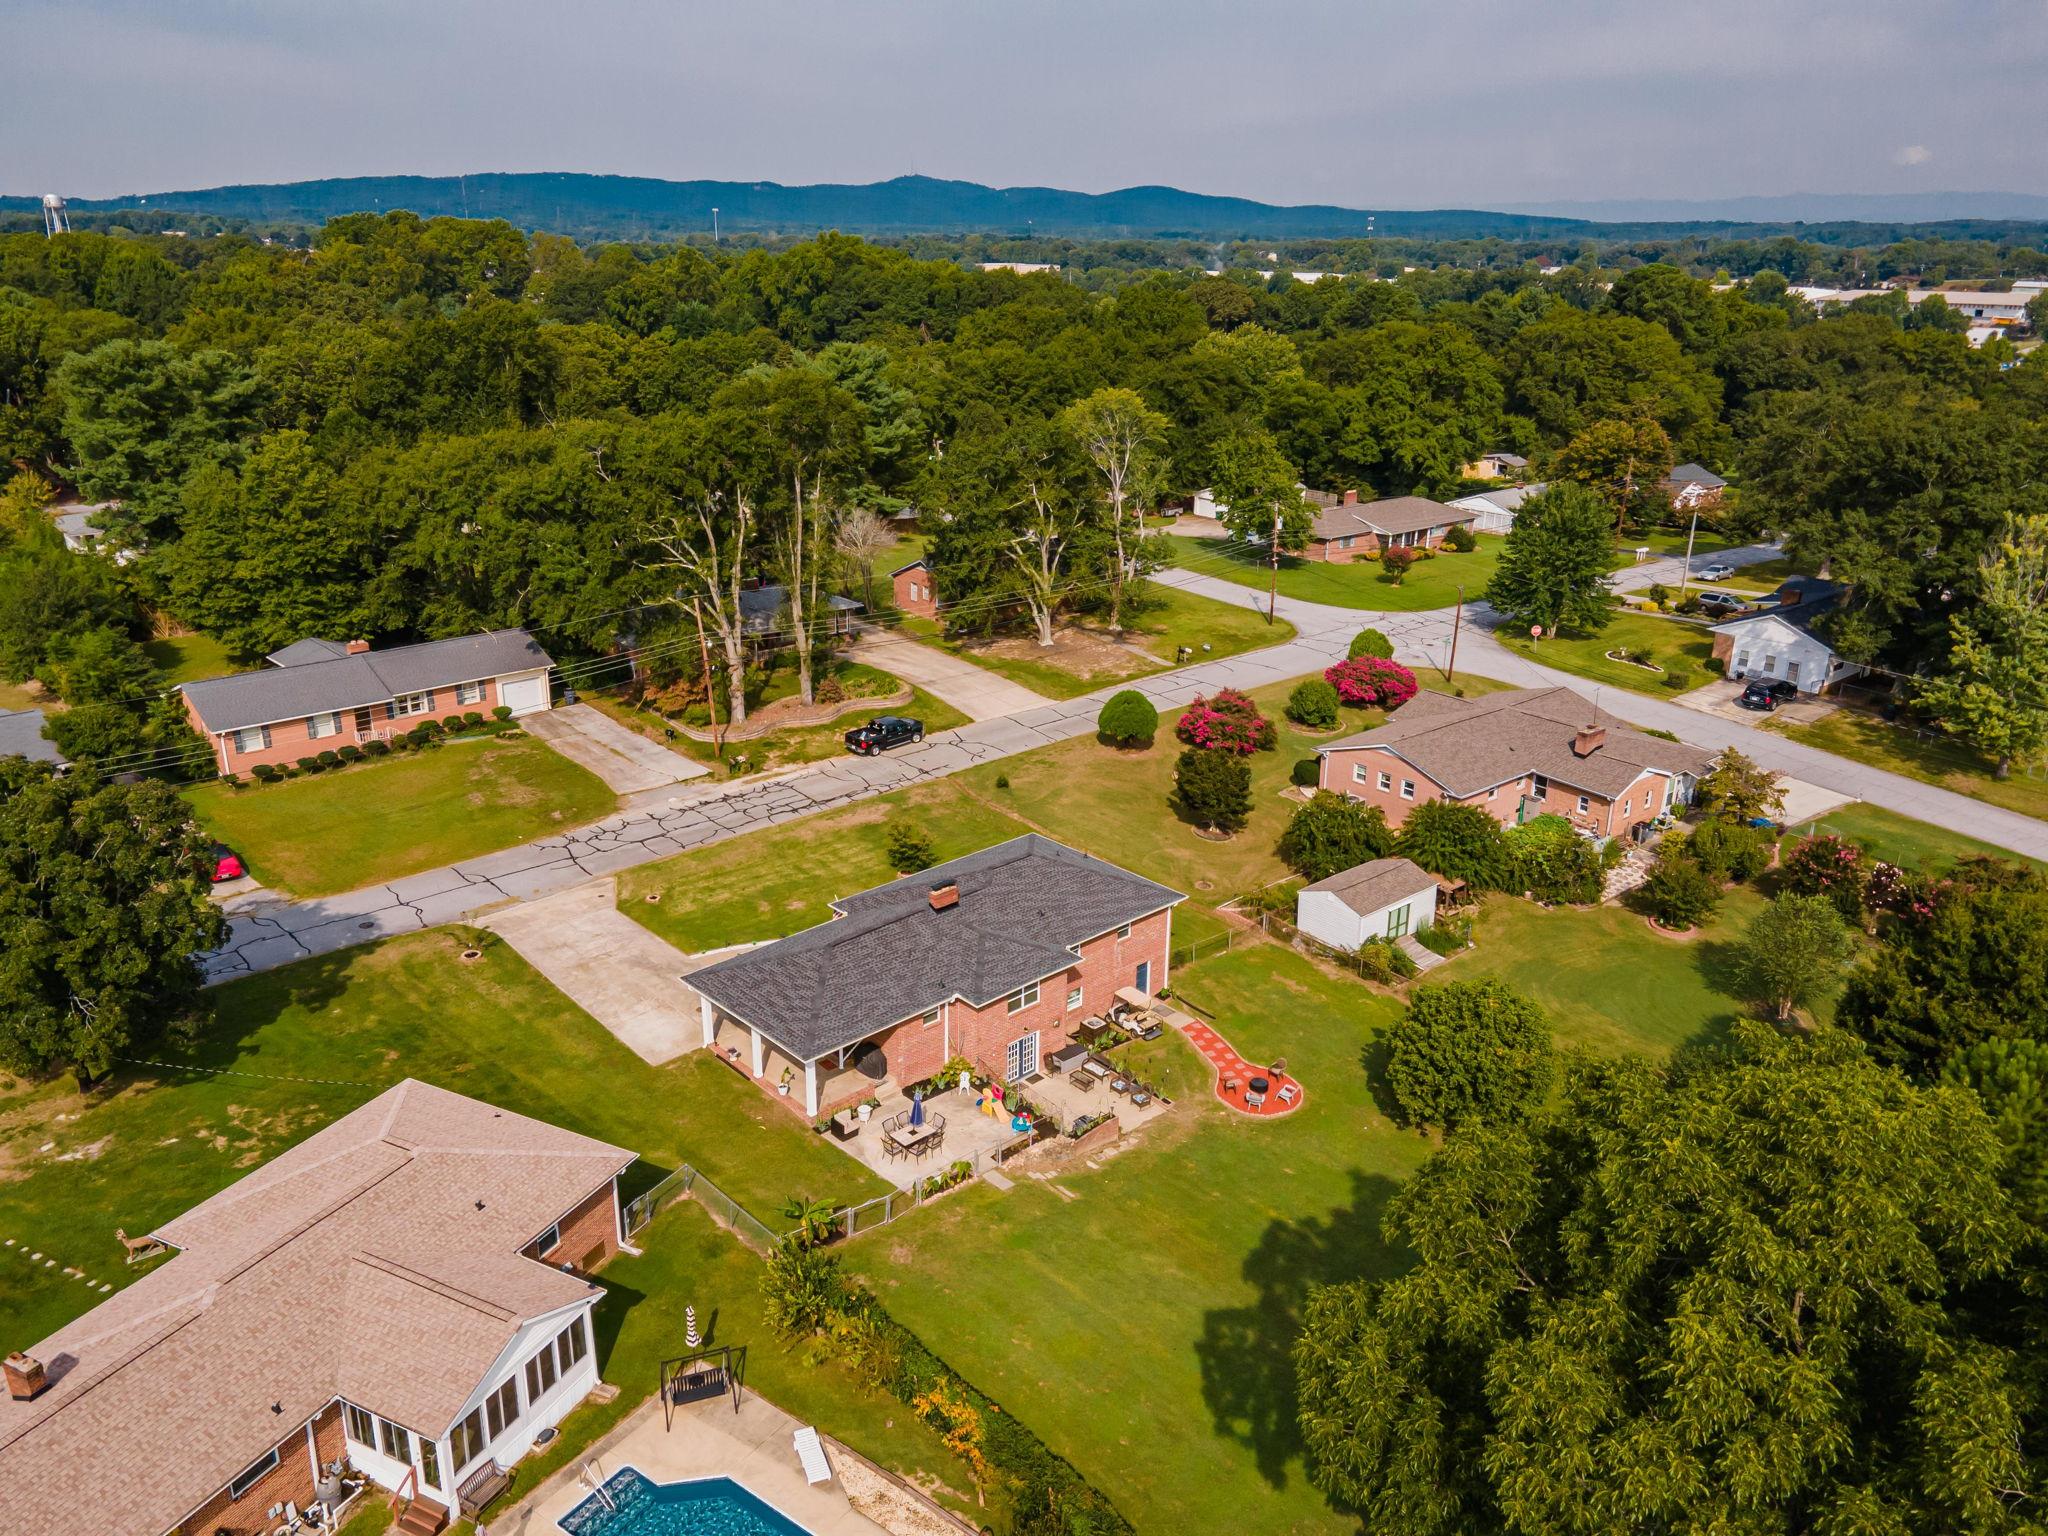 102 Fairhaven Dr, Taylors, SC 29687, USA Photo 6